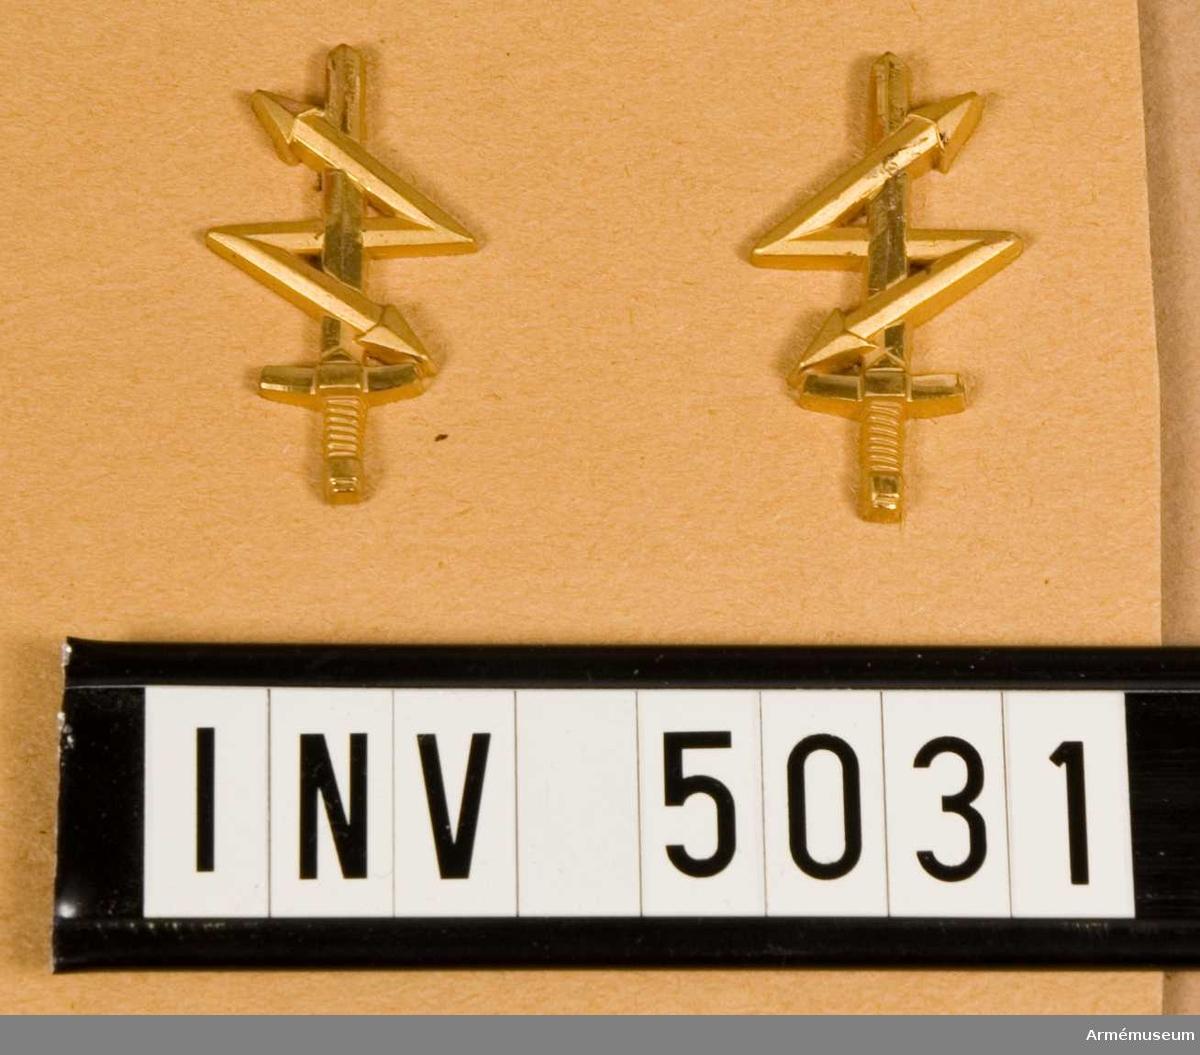 Tillverkat av metall och i metallfärg m/1960 guld. Modellen har  behållits oförändrad från m/1939.Ett upprättstående svärd med blixt. Tillverkas i två storlekar samt spegelvänt.  Det större anbringas på krage till vapenrock och kappa m/1960 samt jacka m/1968 så att blixtens nedersta  spets pekar inåt. Anbringas på ett underlag av grönt tyg i form  av kragspegel.  År 1951 bestämdes att denna färg skulle vara  signaltruppernas färg. Det mindre tecknet anbringas på  axelklaffar till vapenrock och kappa m/1960, jacka m/1968 samt respektive skjortor så att blixtens nedresta spets pekar  framåt.  Detta tecken utan tygunderlag.Anläggs av fast anställd personal som ej tillhör visst förband men personalkåren.